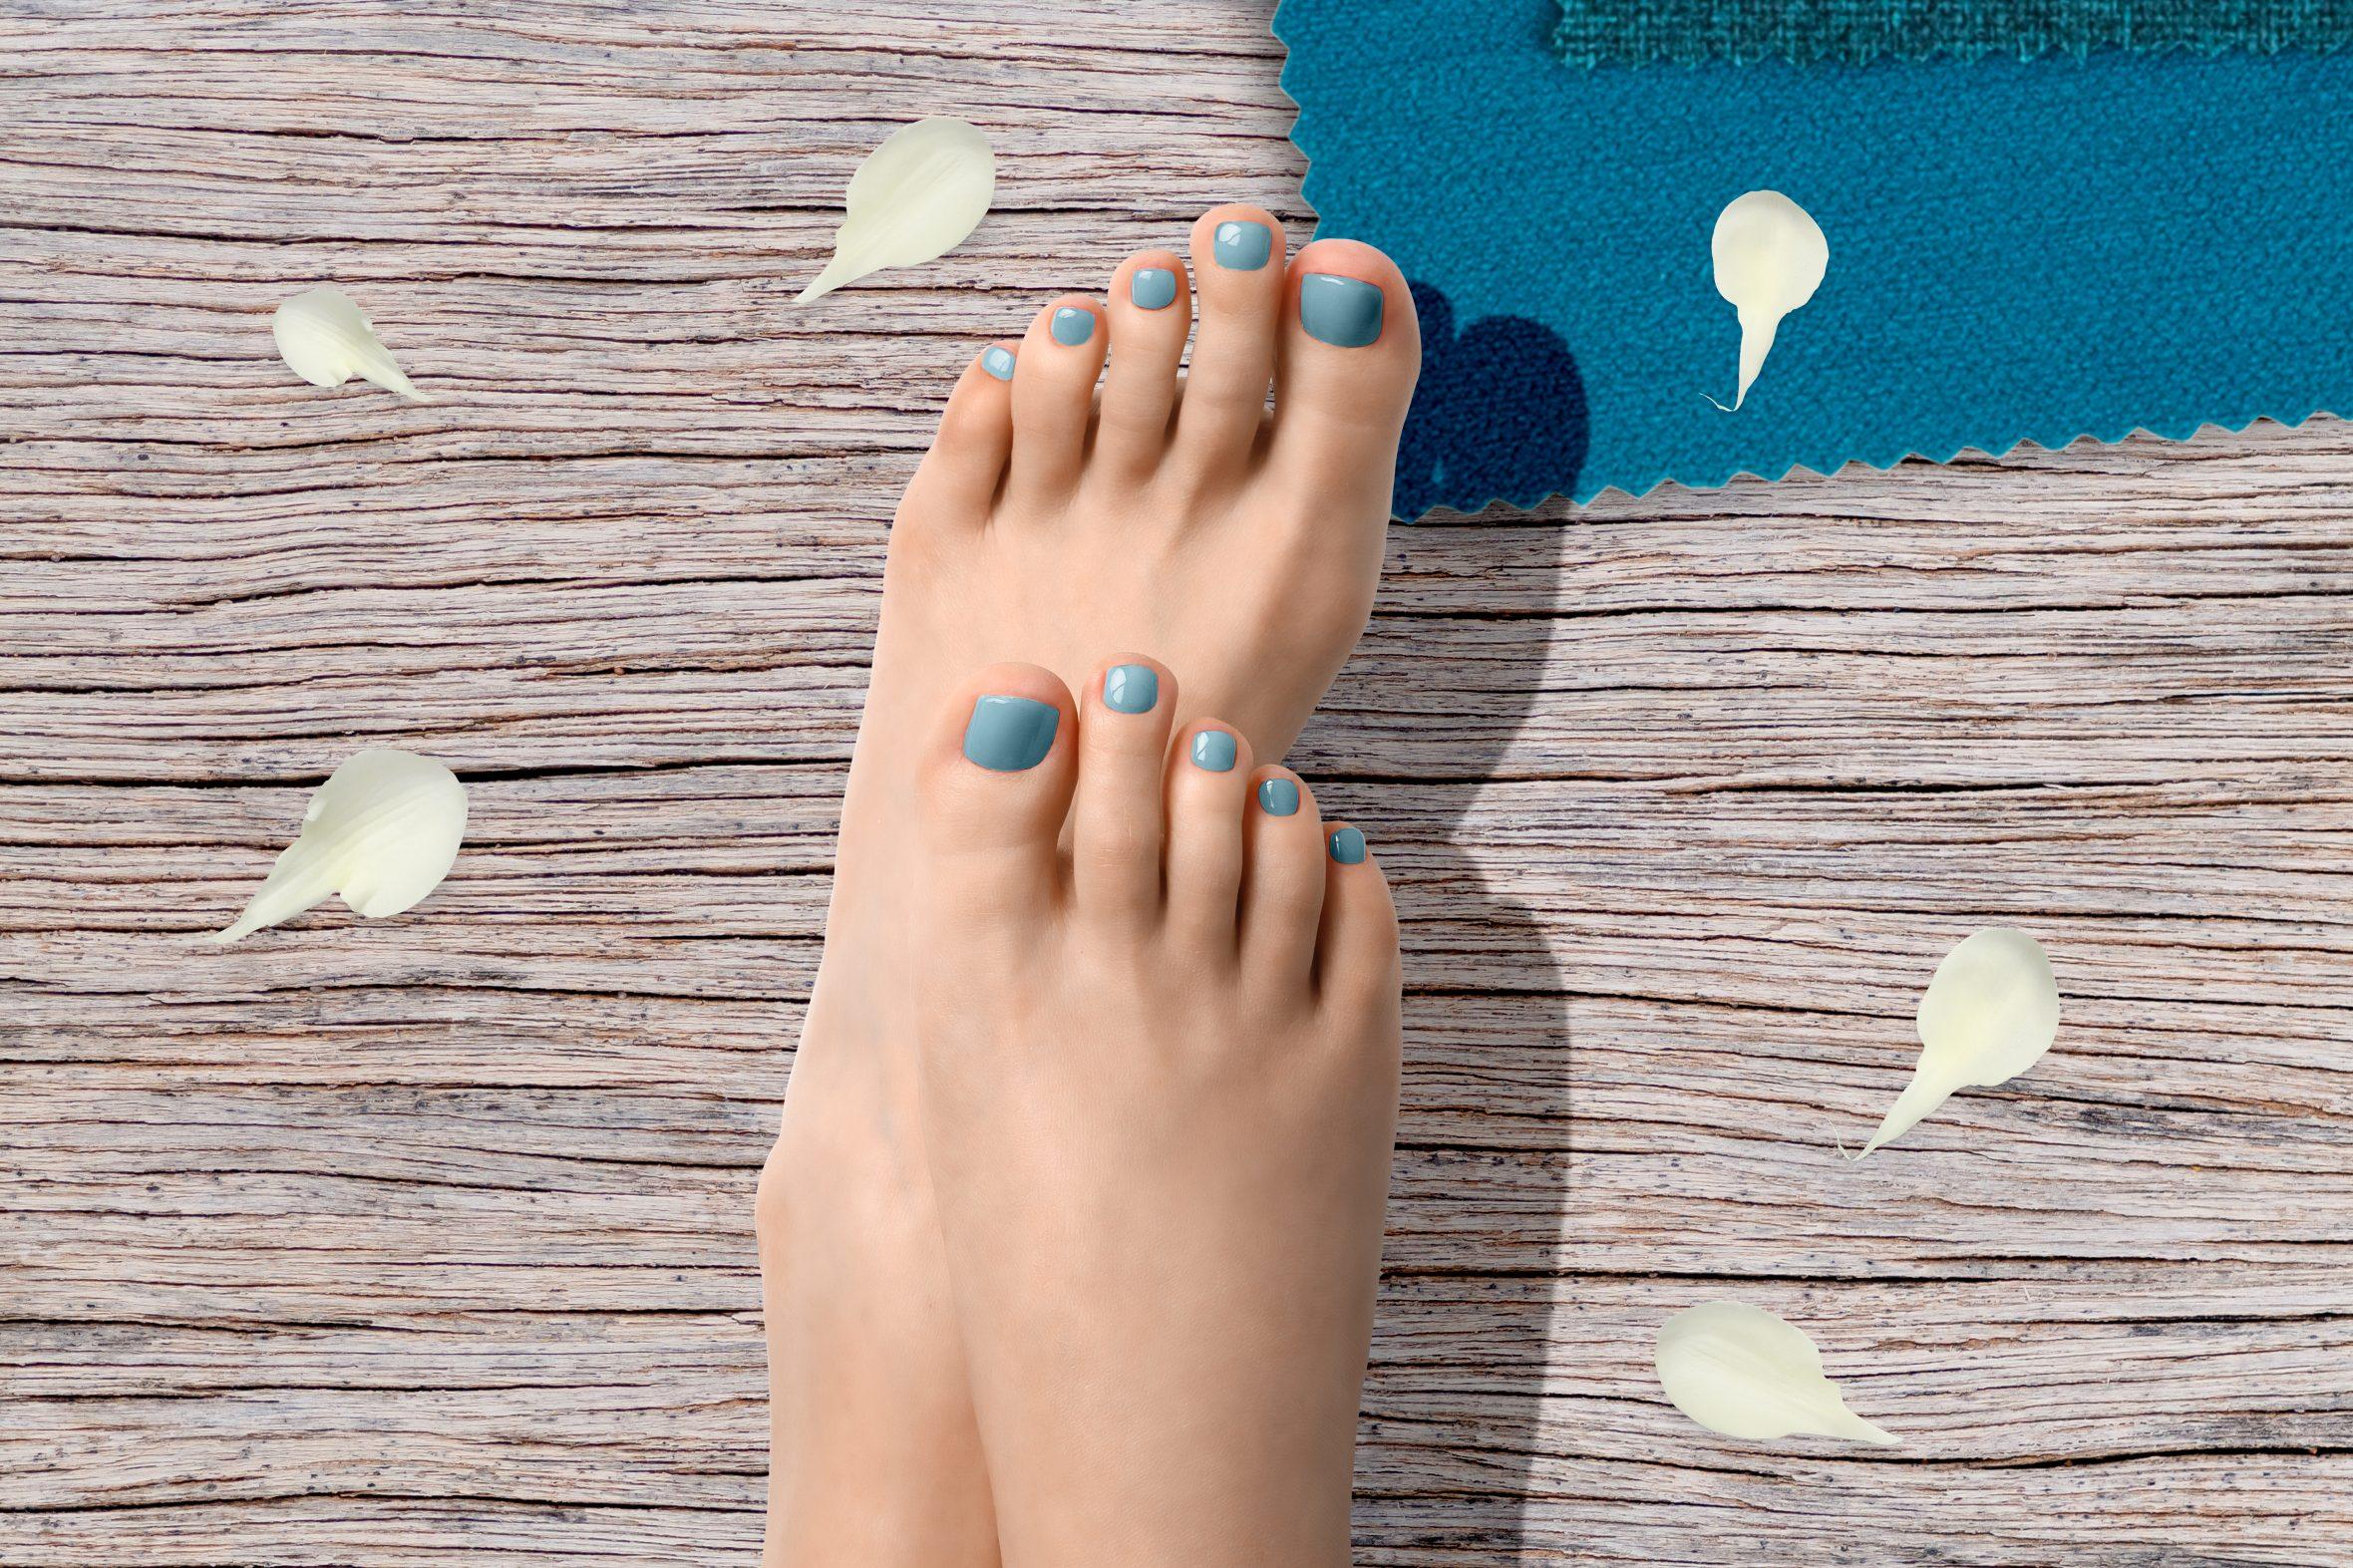 Licht blauwe nagellak voor pedicure